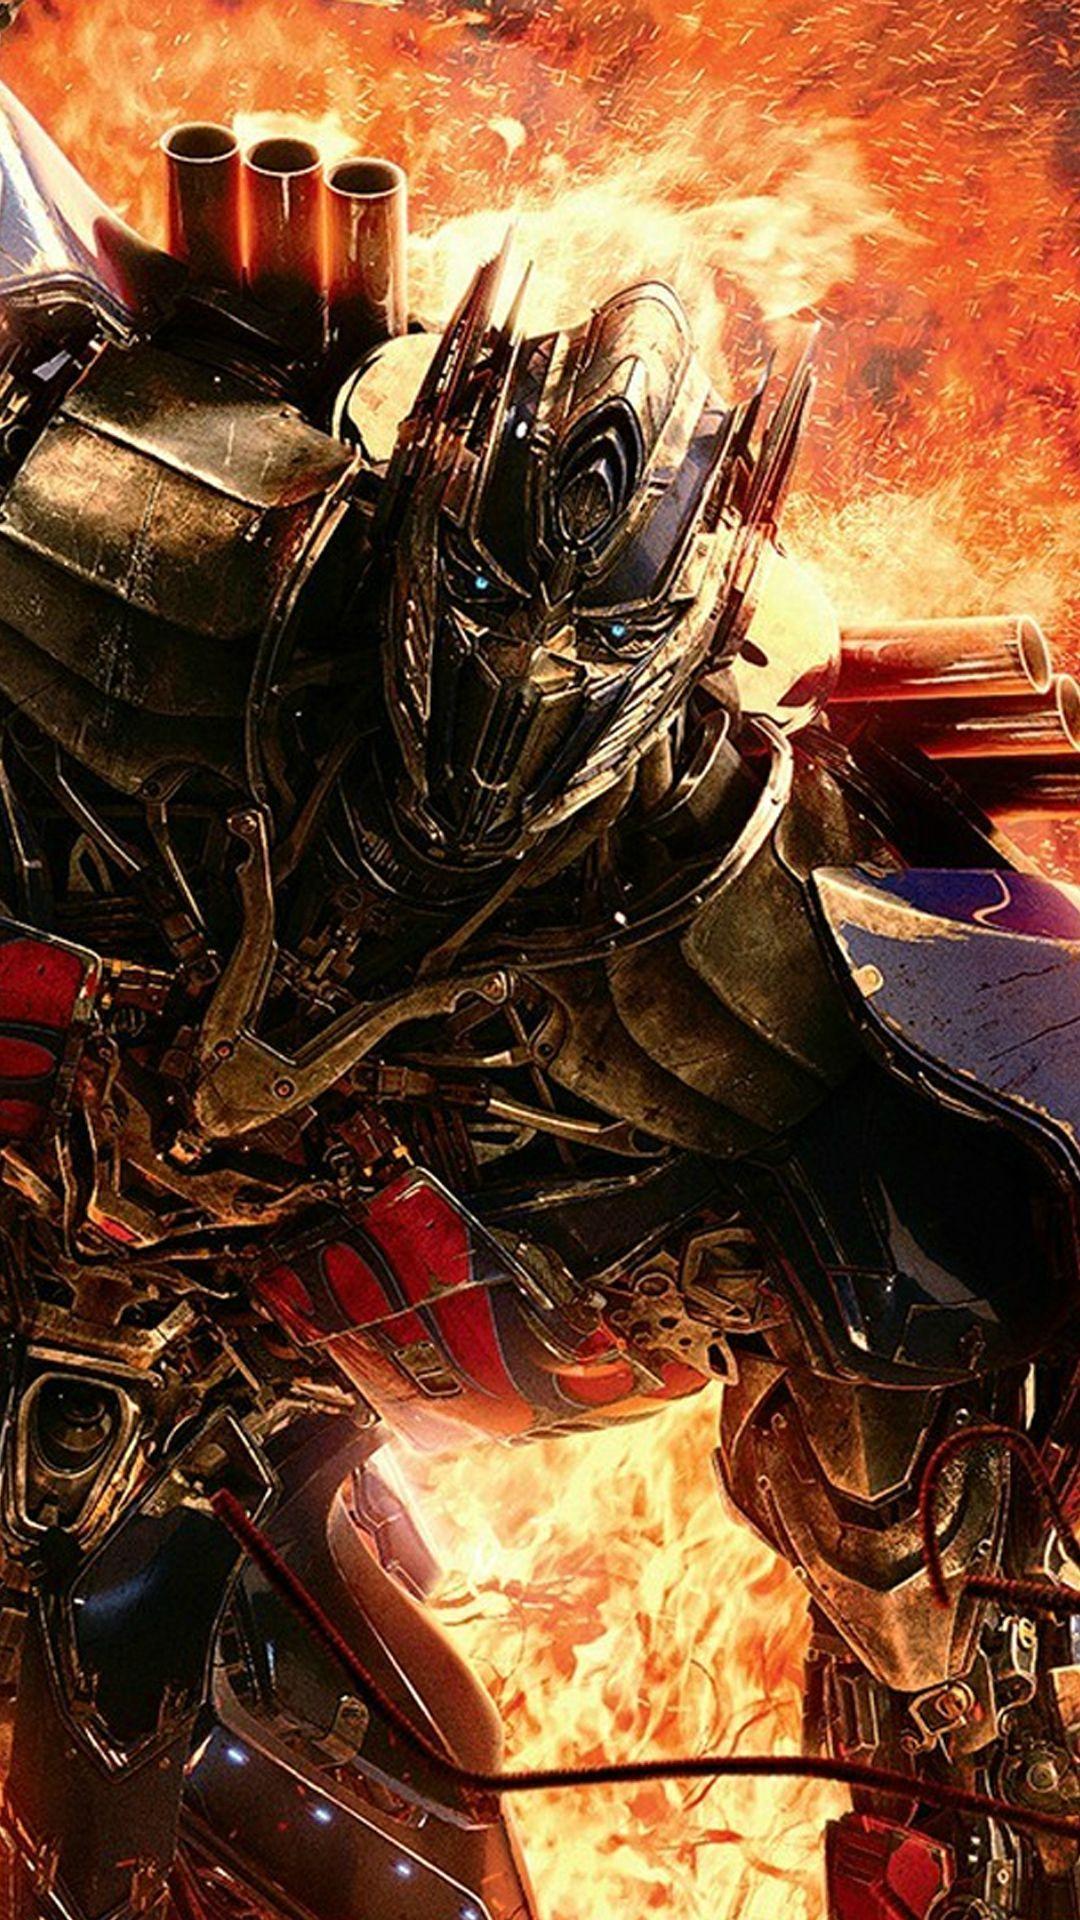 Phone Wallpaper Hd Optimus Prime Wallpaper Optimus Prime Wallpaper Transformers Optimus Prime